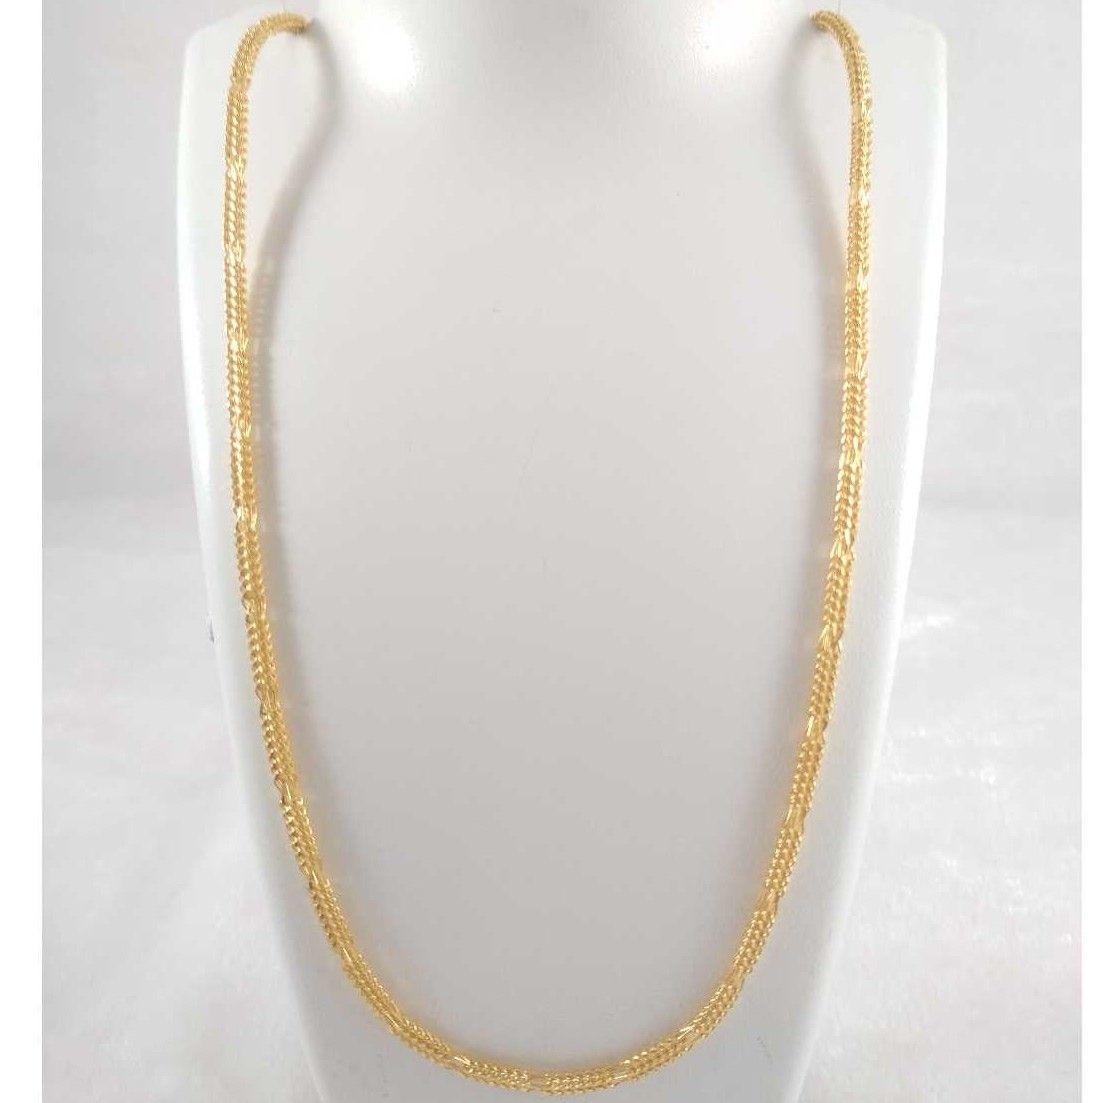 22 k gold chain. nj-c0266